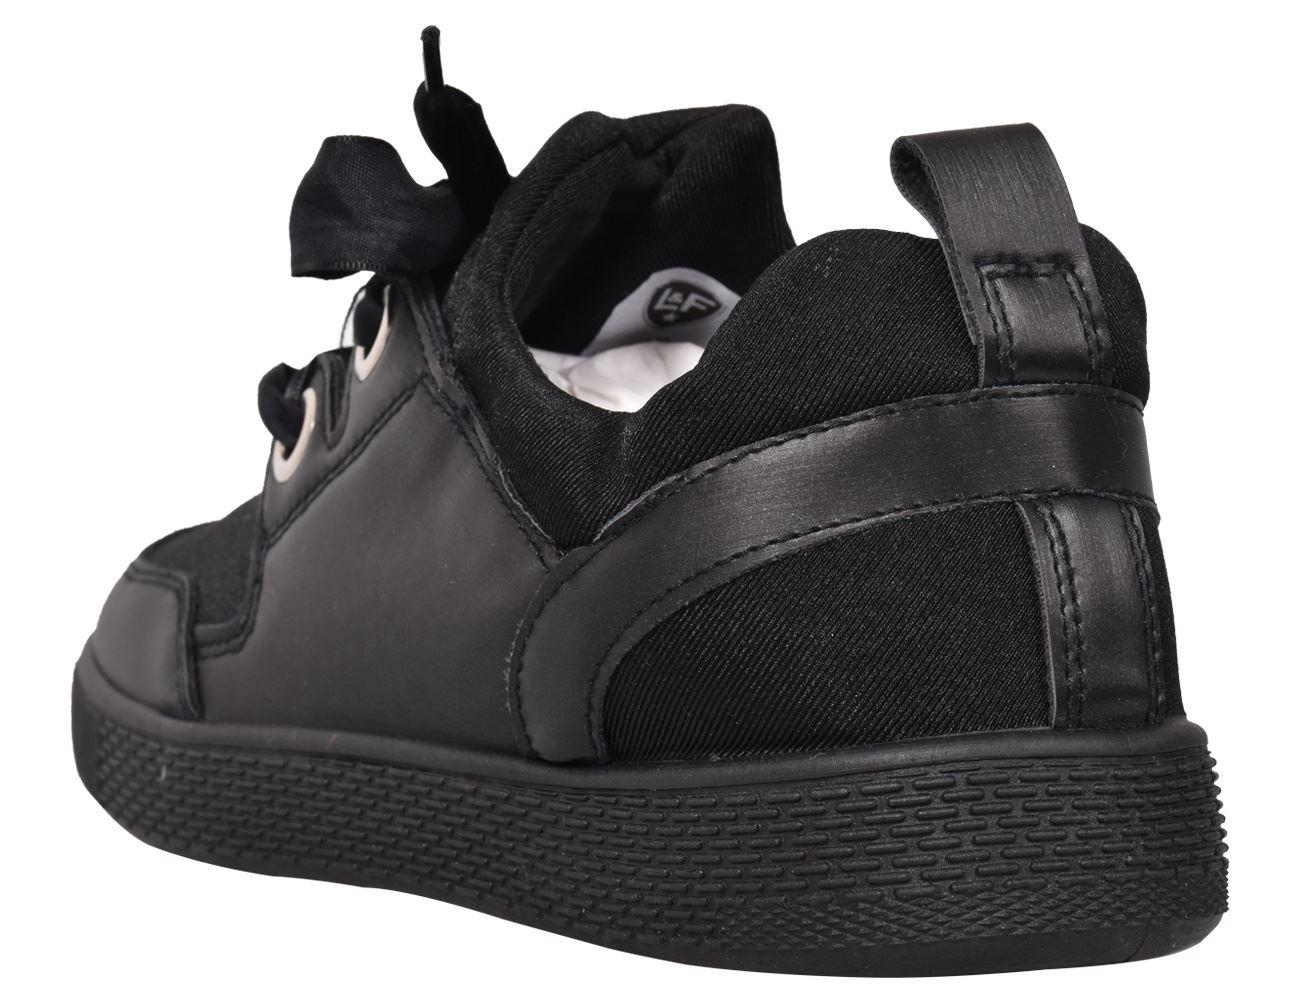 New Ladies Loyalty /& Faith Lace up Sneakers Black Platform Pumps Plimsolls Shoes